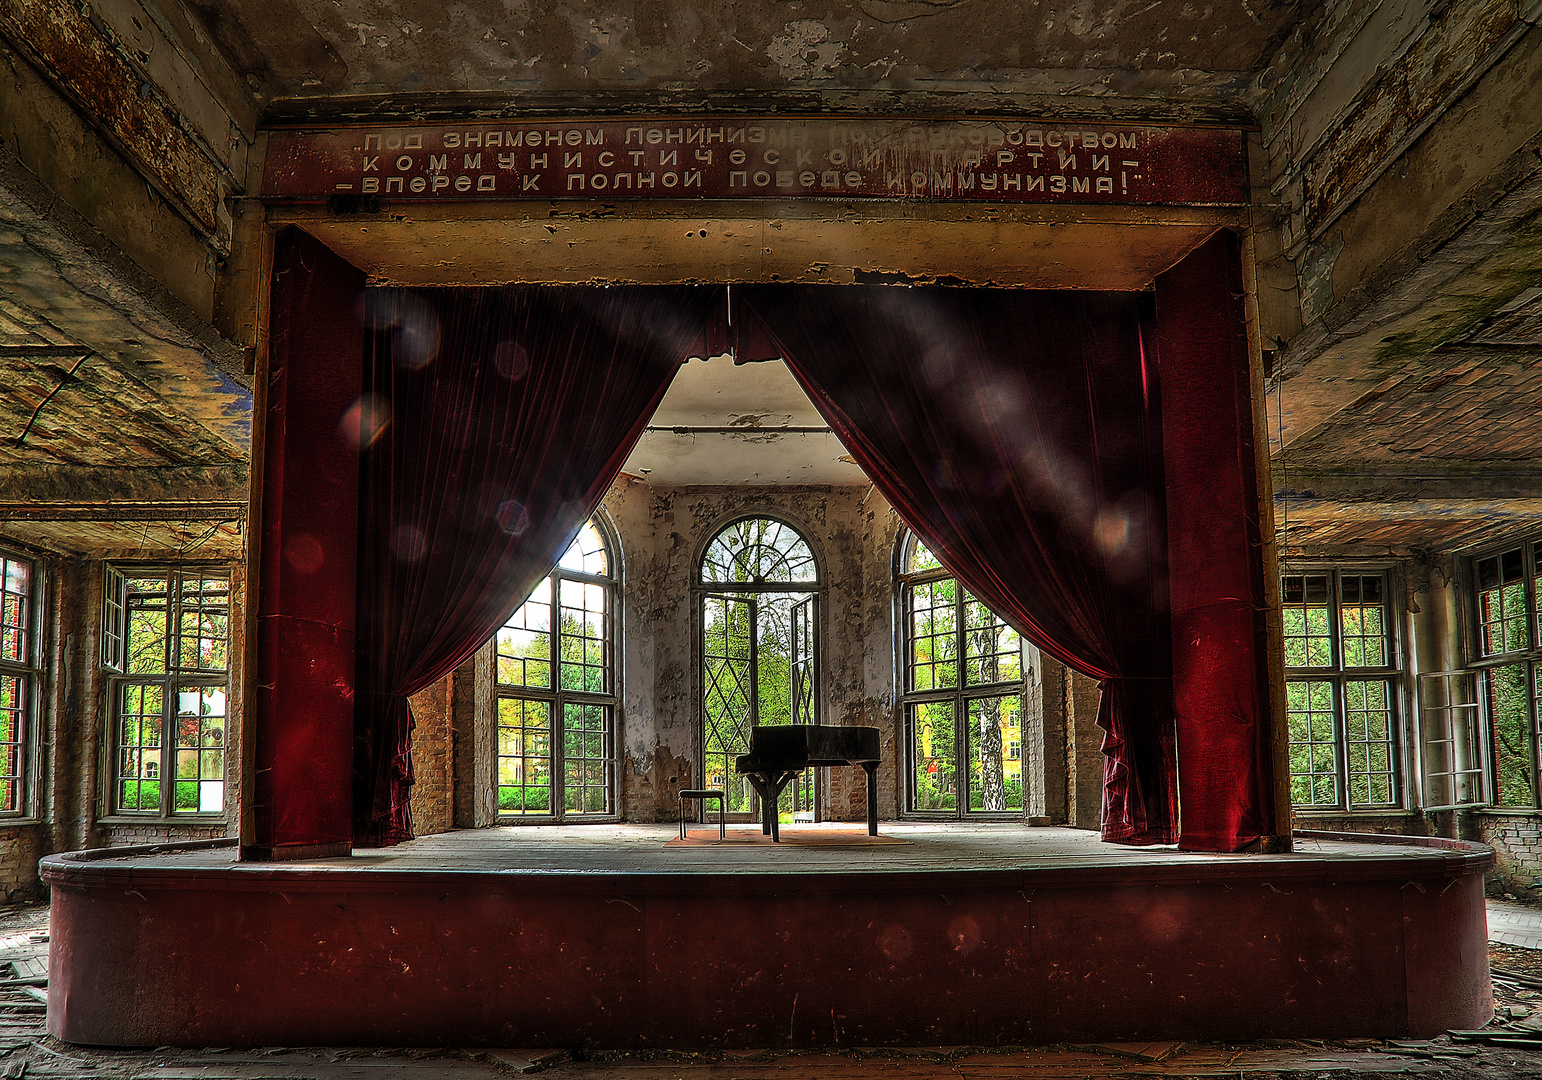 alter Saal mit einer Bühne in den Heilstätten am Grabowsee